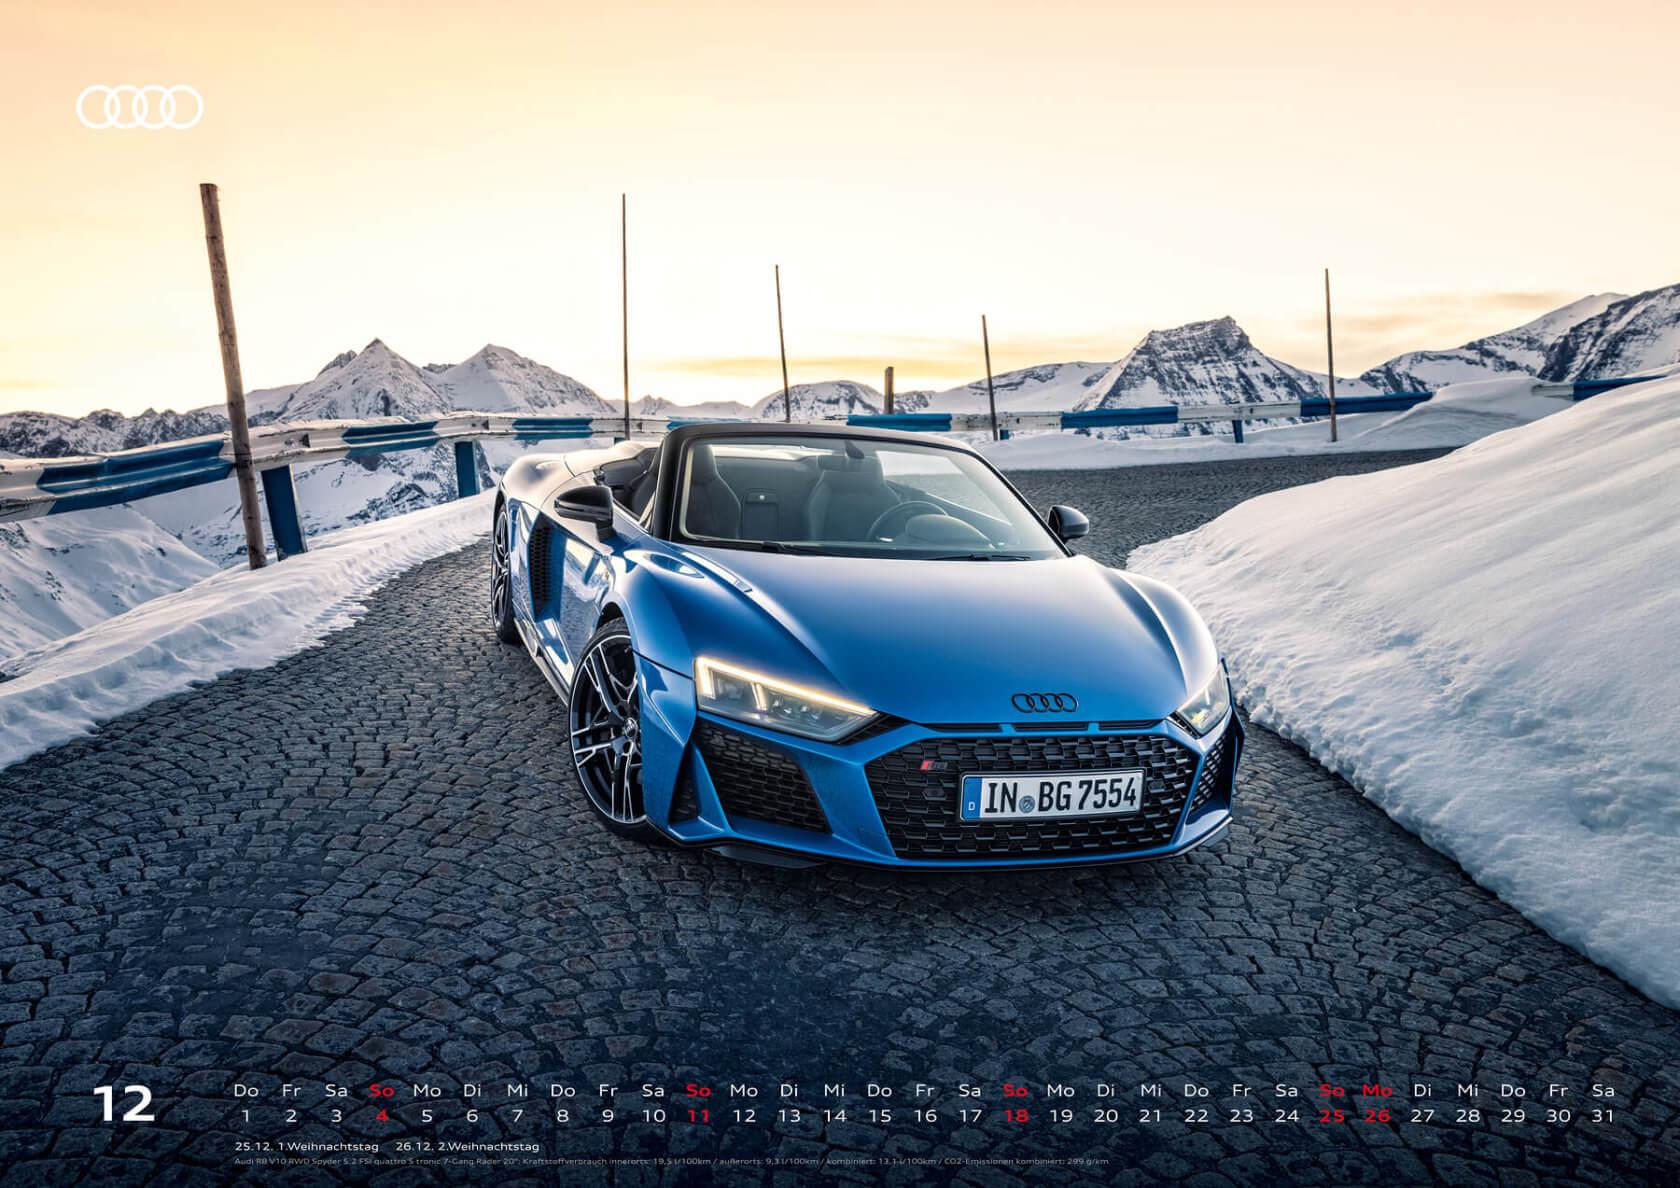 Audi Kalender 2022 XXL R8 Spyder